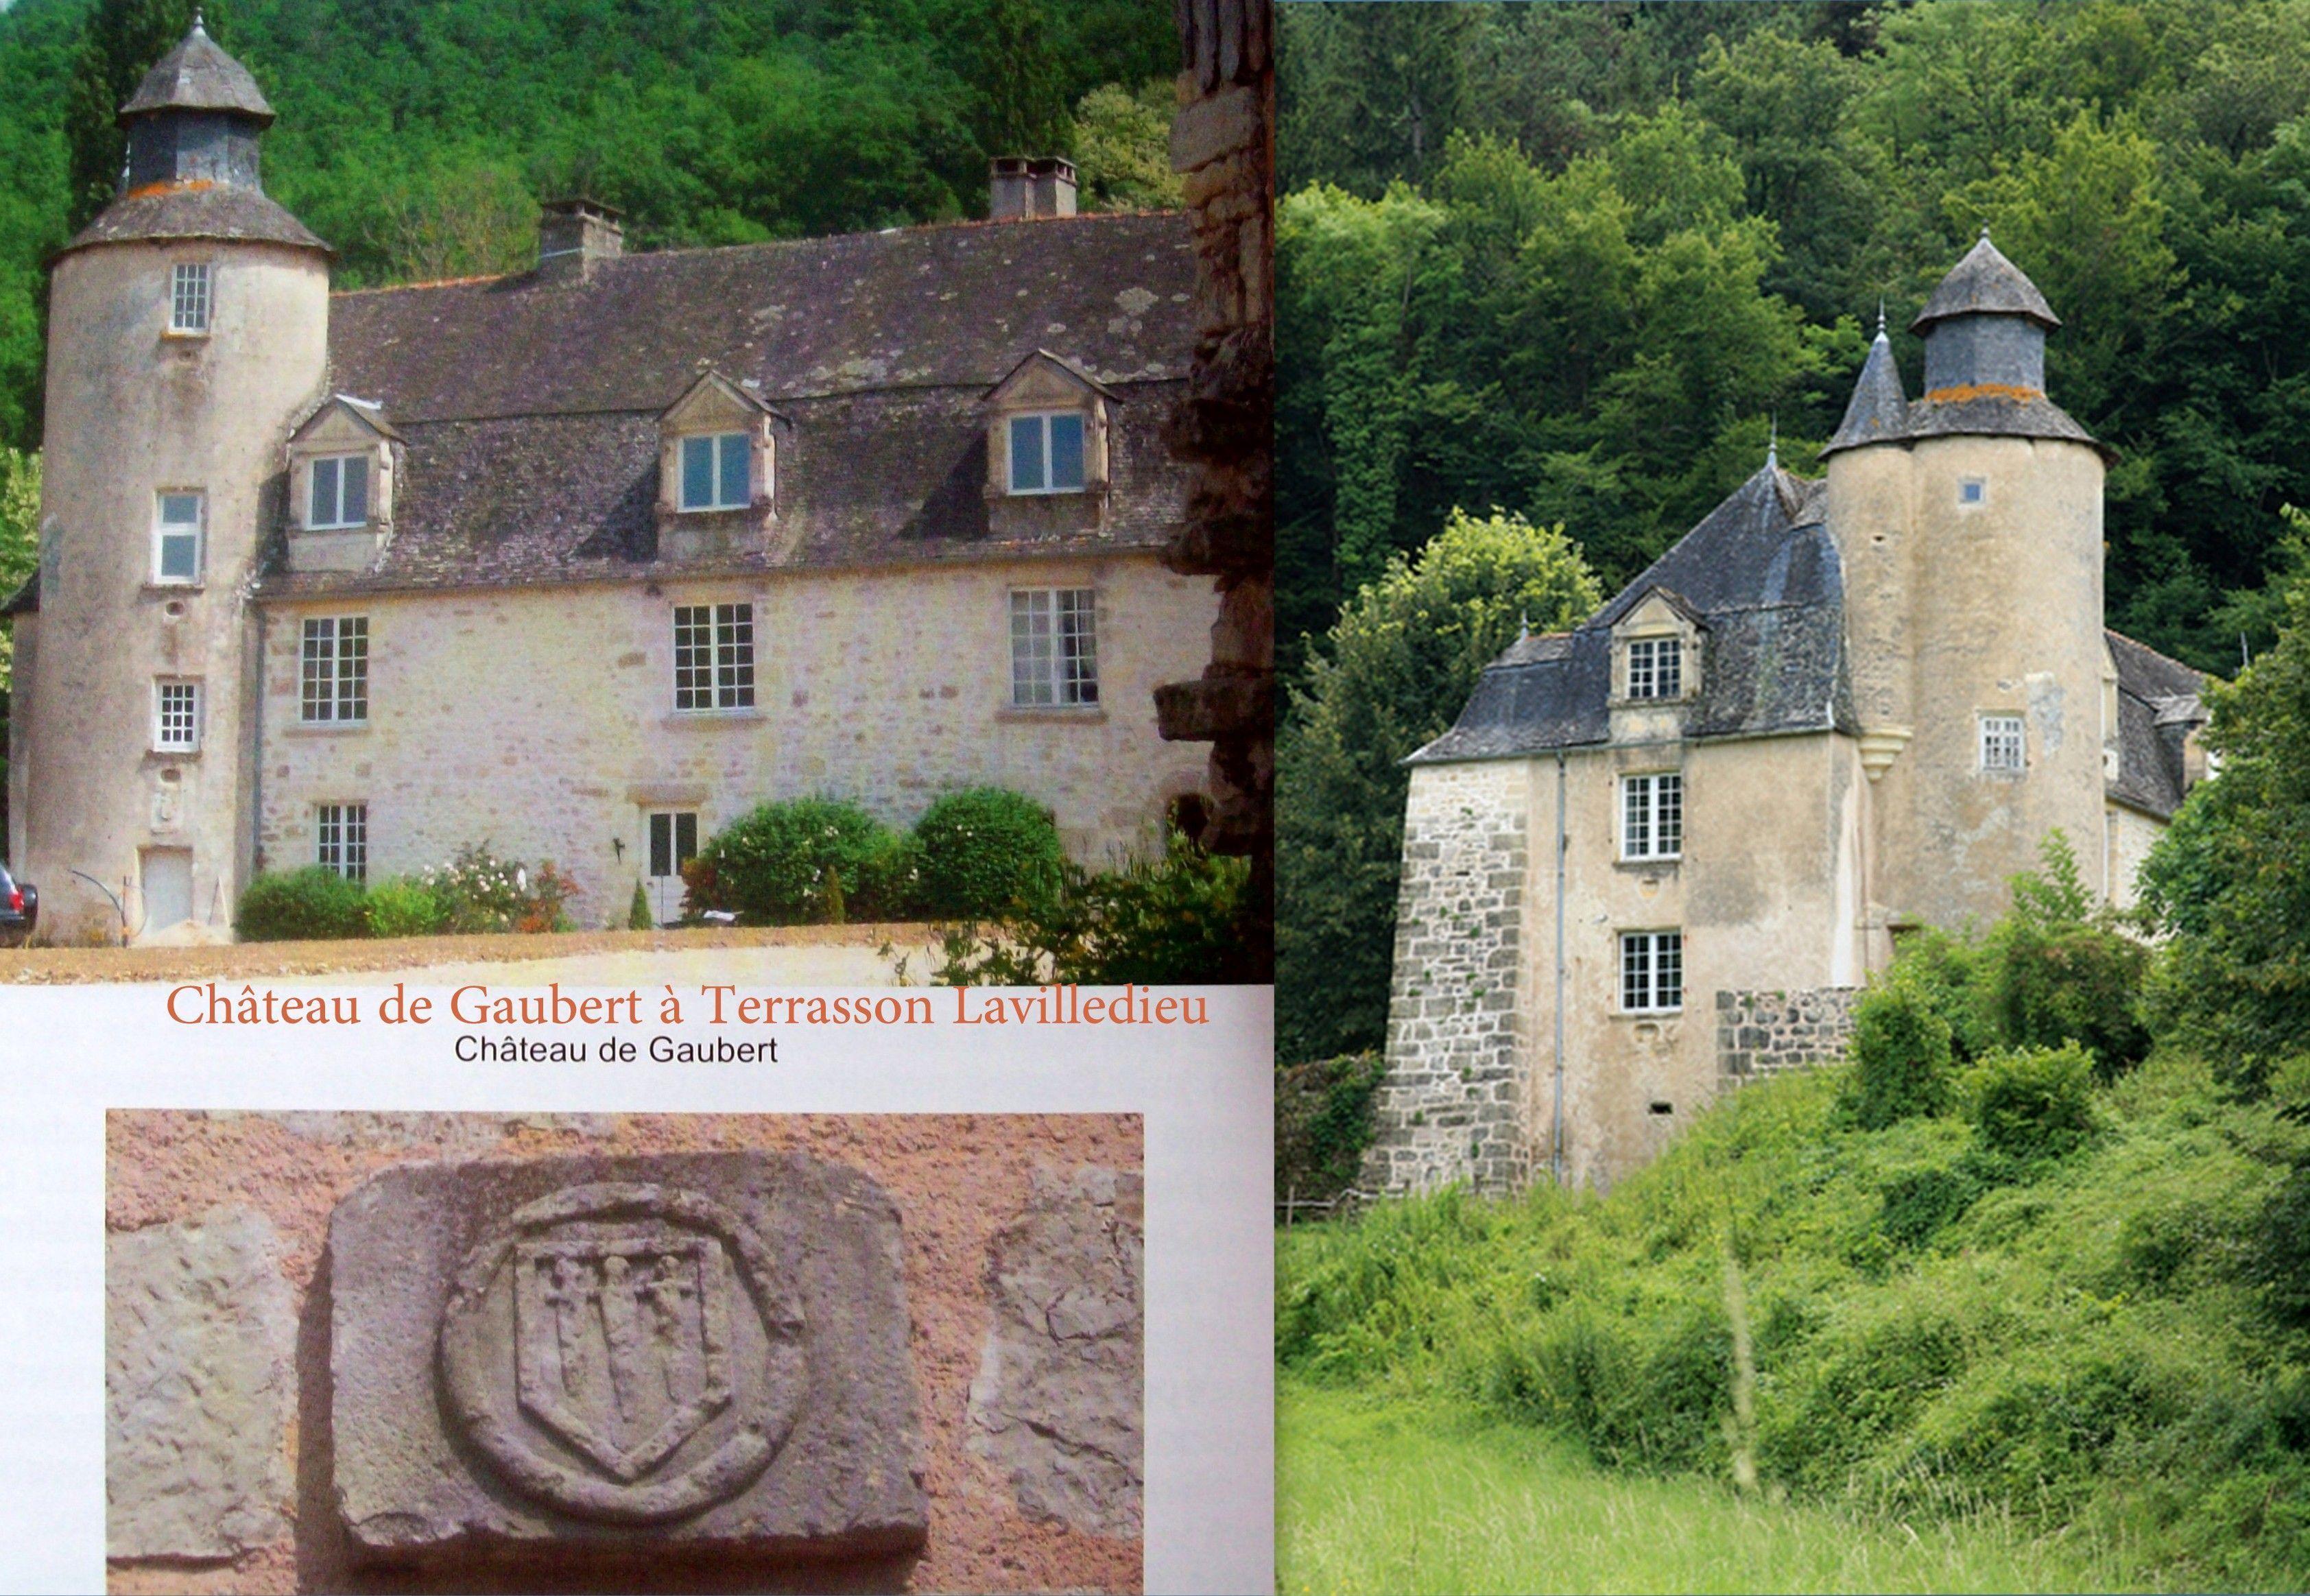 Château De Gaubert Commune De Terrasson Lavilledieu